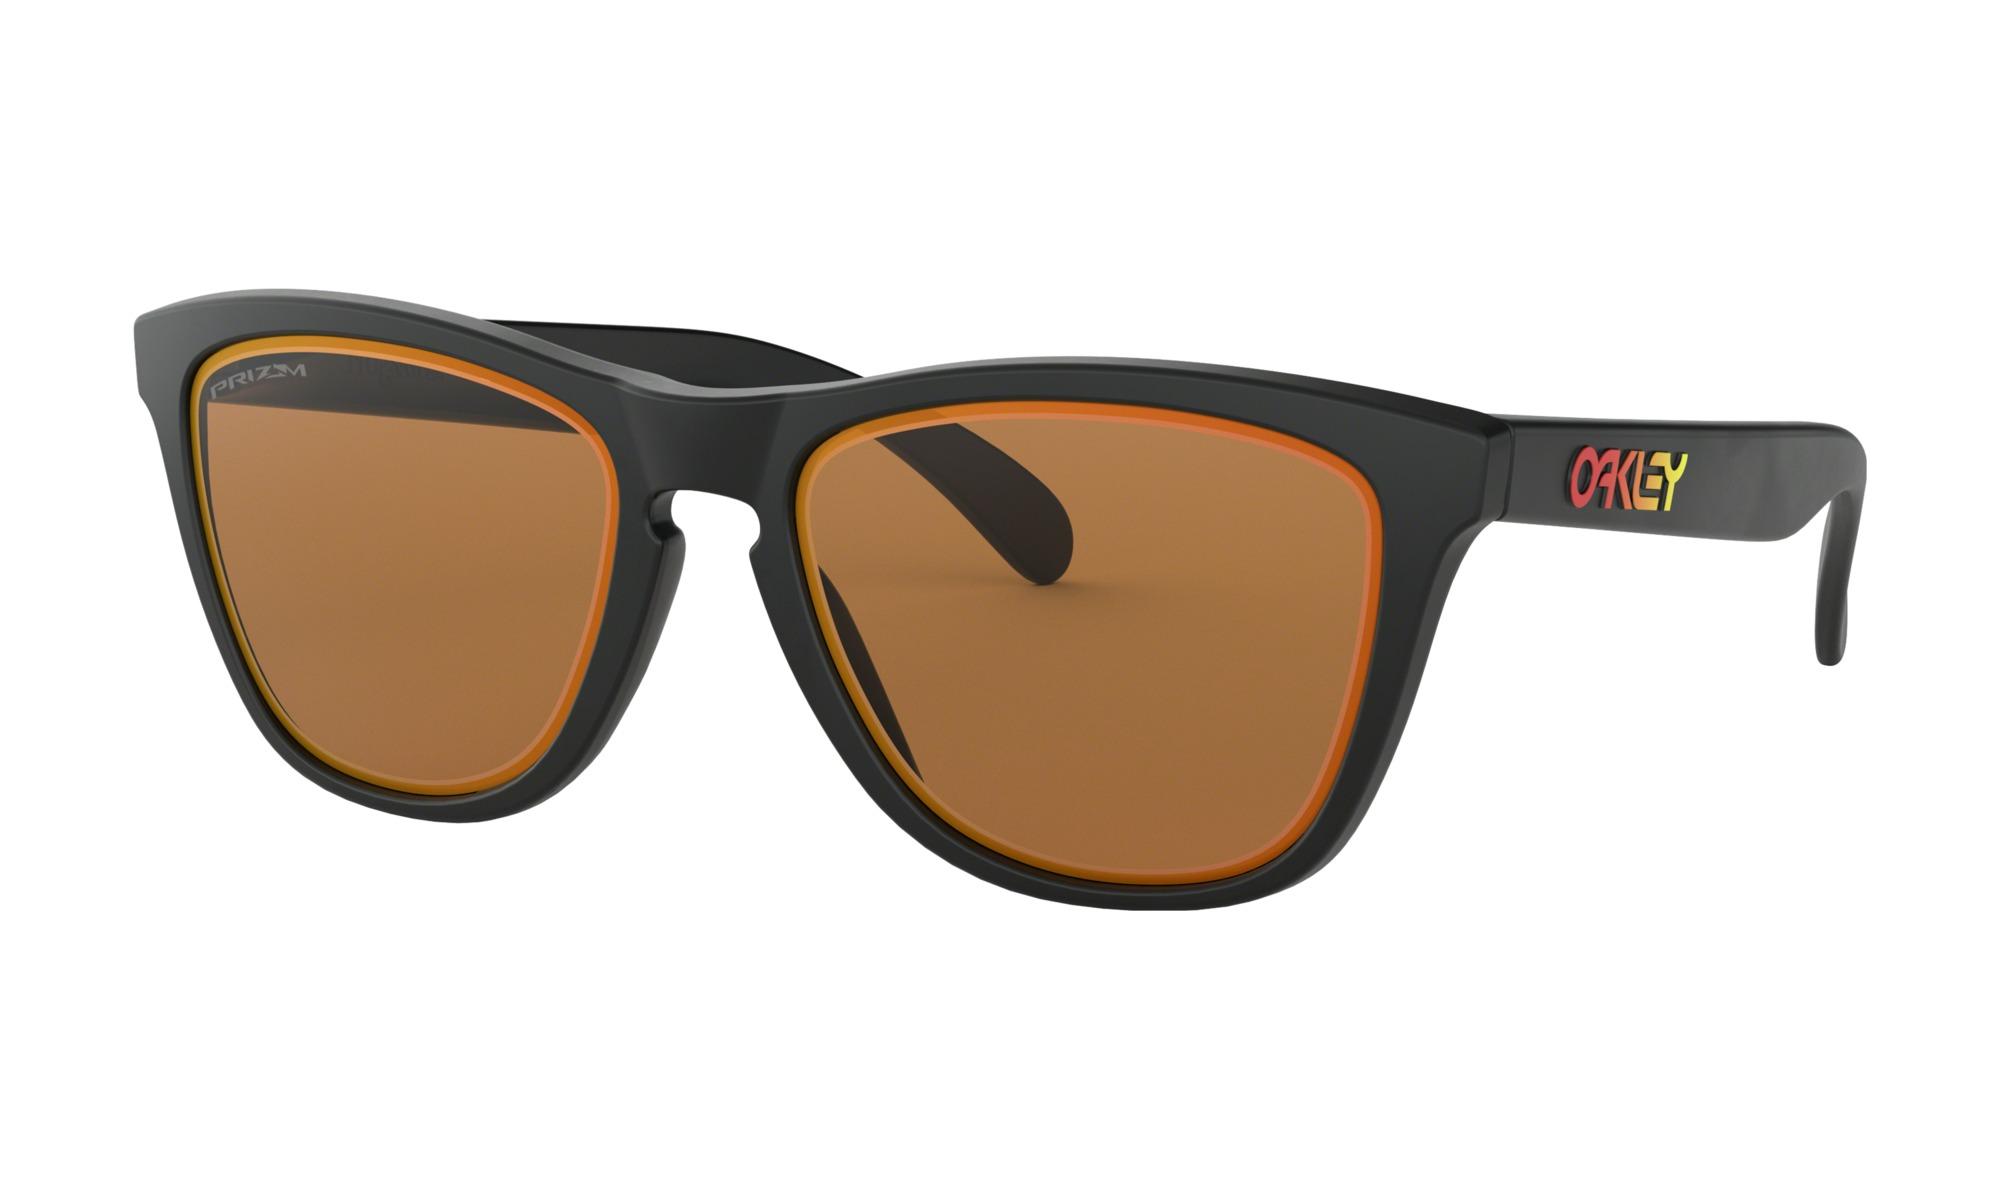 Okuliare Oakley Frogskins Prizm OO9013-E255  2db641d3405